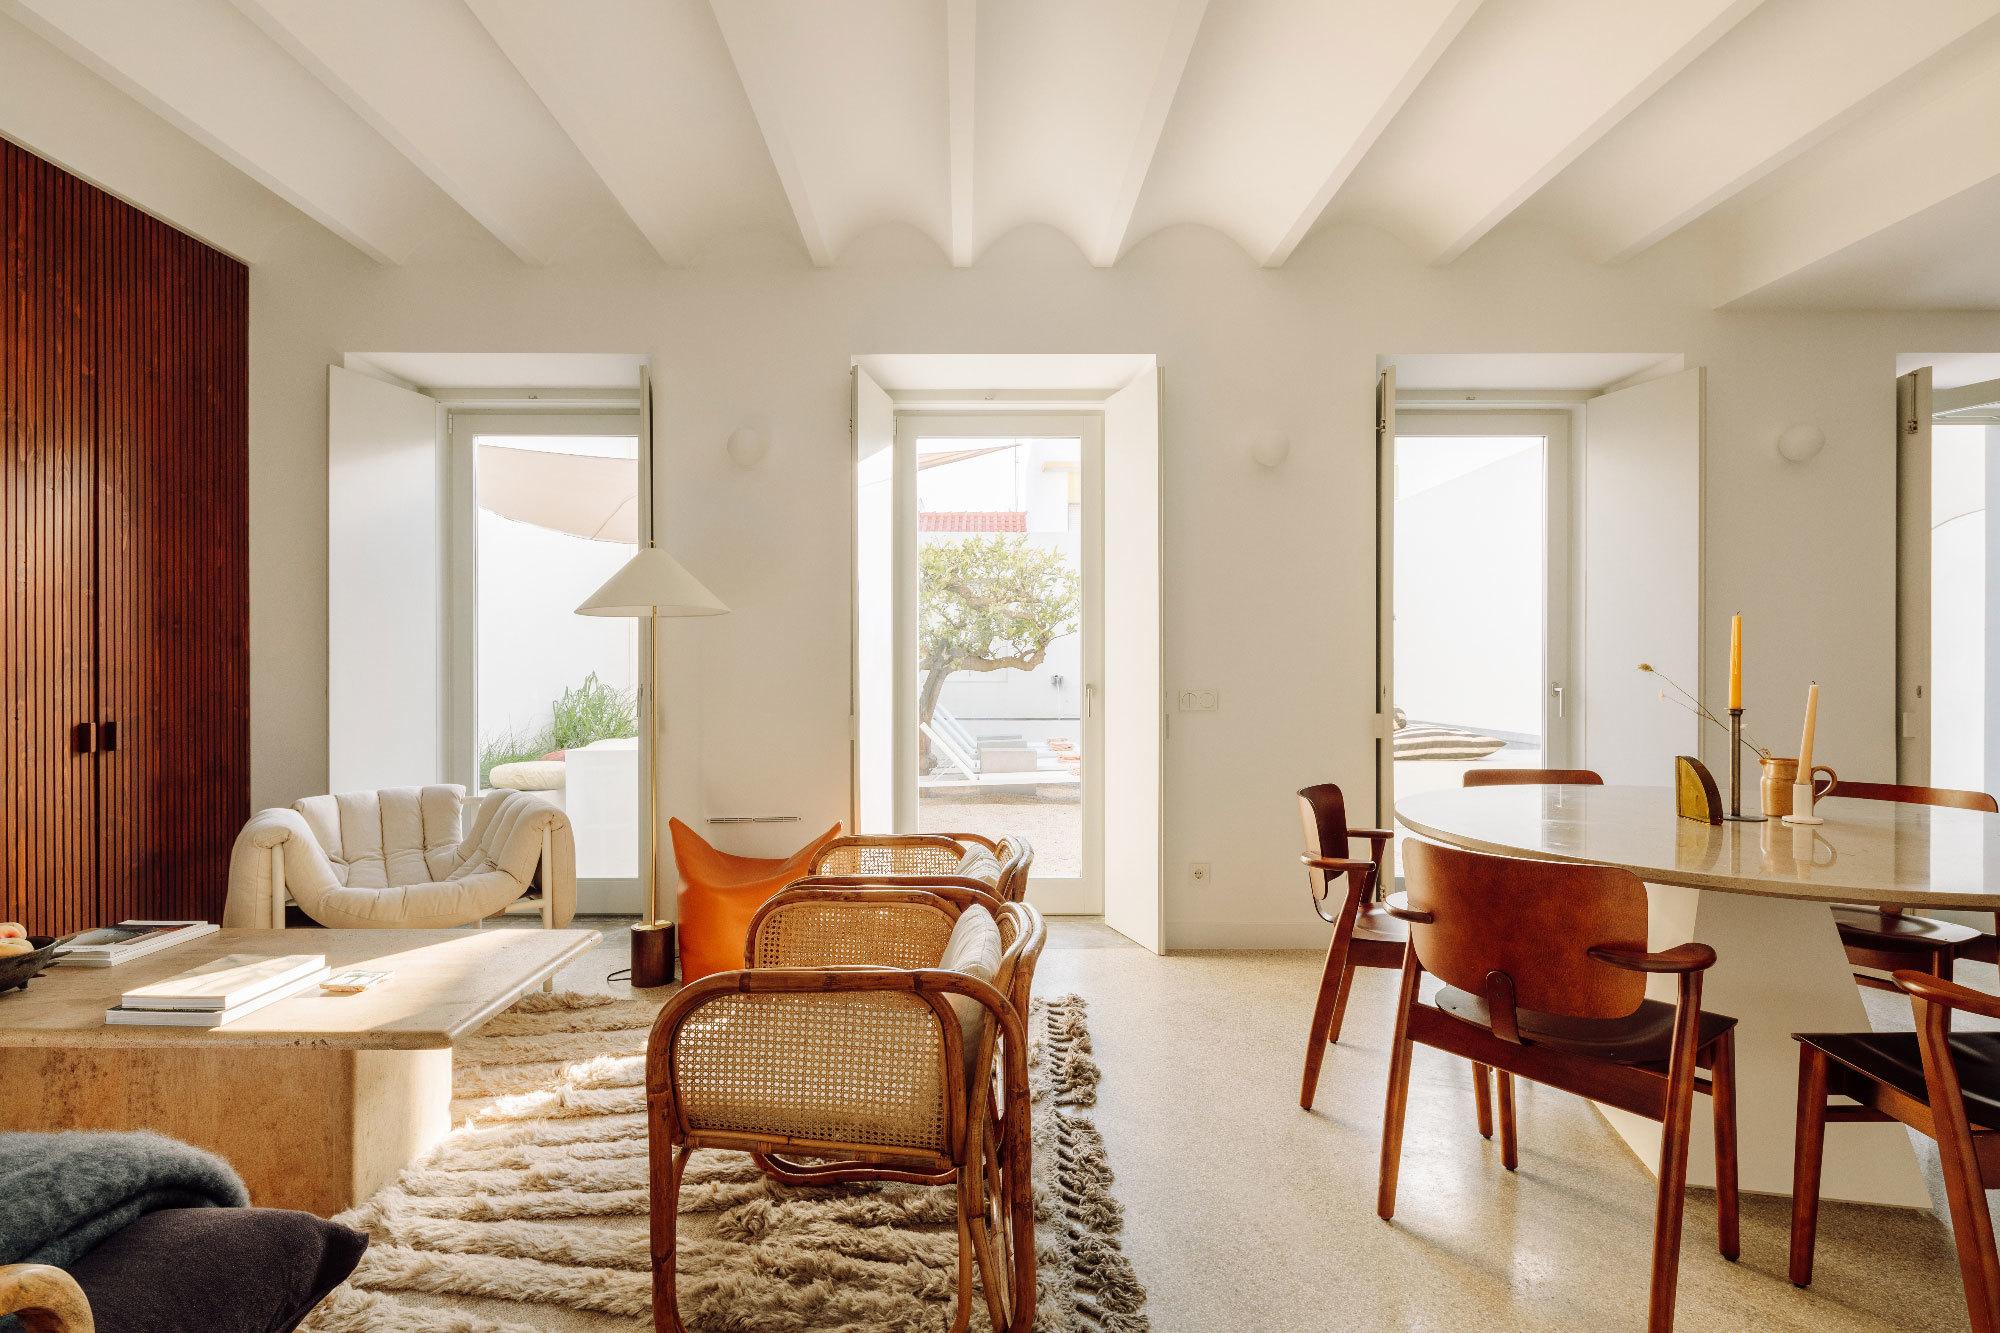 Mit der Casa Três eröffnet eine exklusive Ferienhausvermietung ihr drittes Kleinod in Portugal. Diesmal in einem historischen Kaufmannshaus, das von Atelier RUA aus Lissabon behutsam umgebaut wurde.